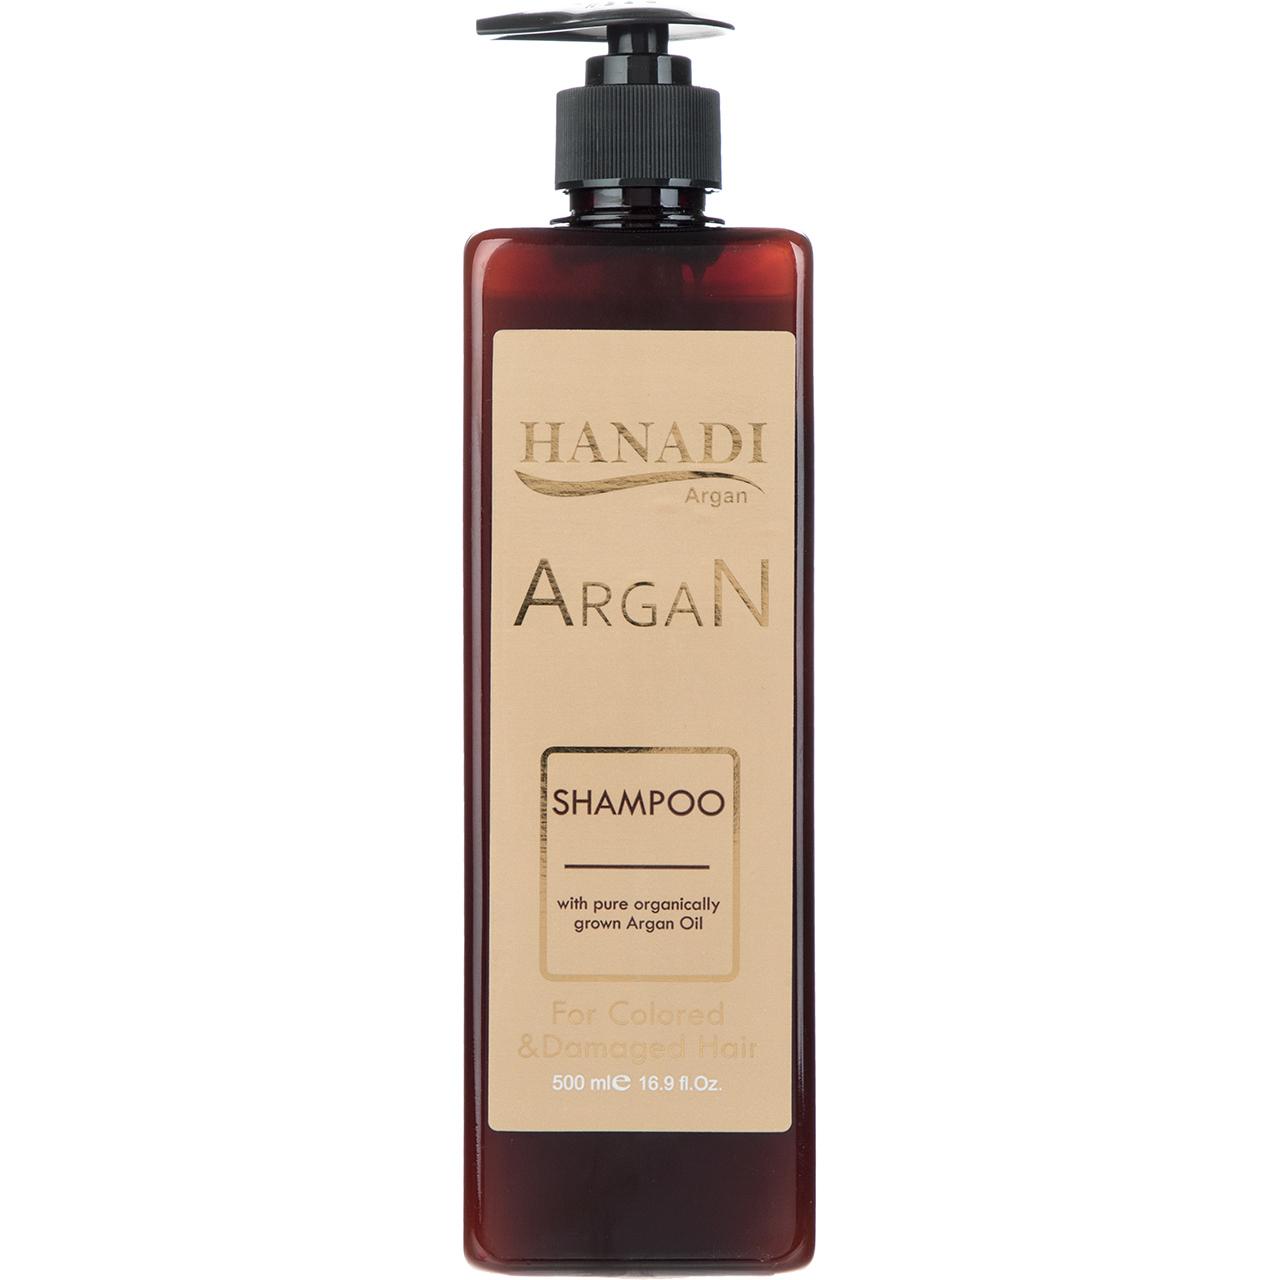 قیمت شامپو موهای رنگ شده هانادی Argan Oil مدل حجم 500 میلی لیتر